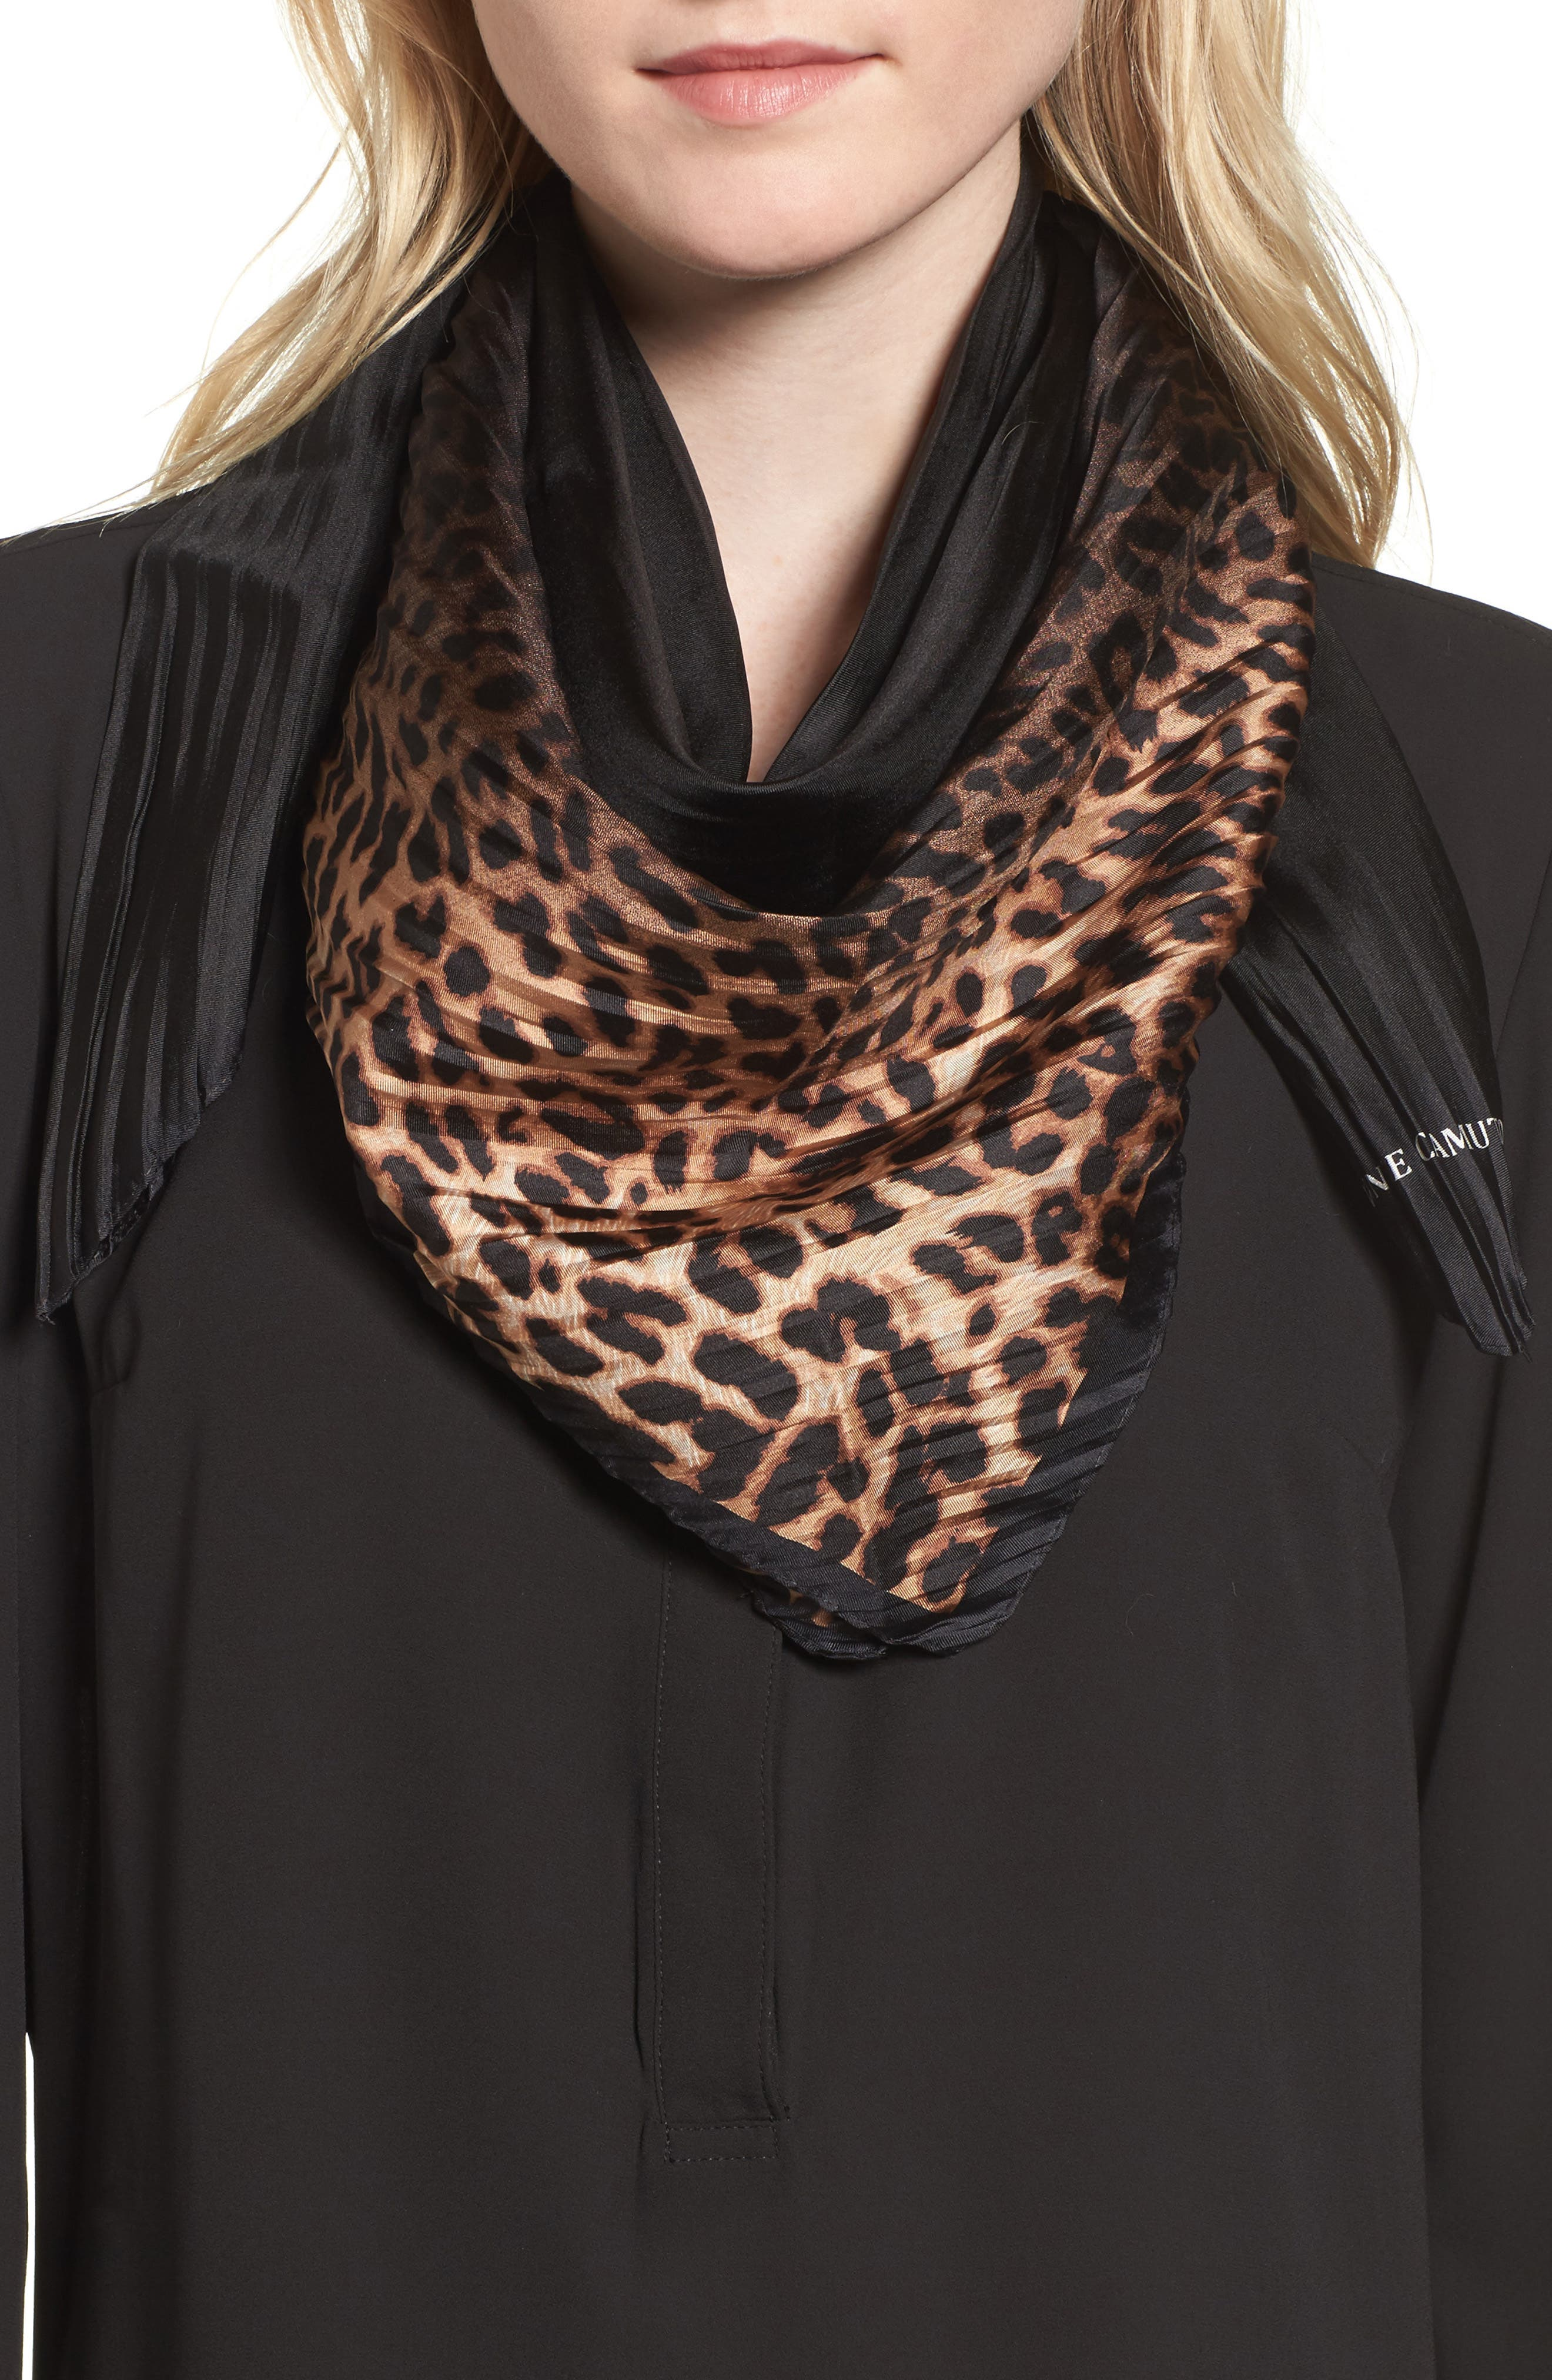 Vince Camuto Ombré Leopard Silk Scarf